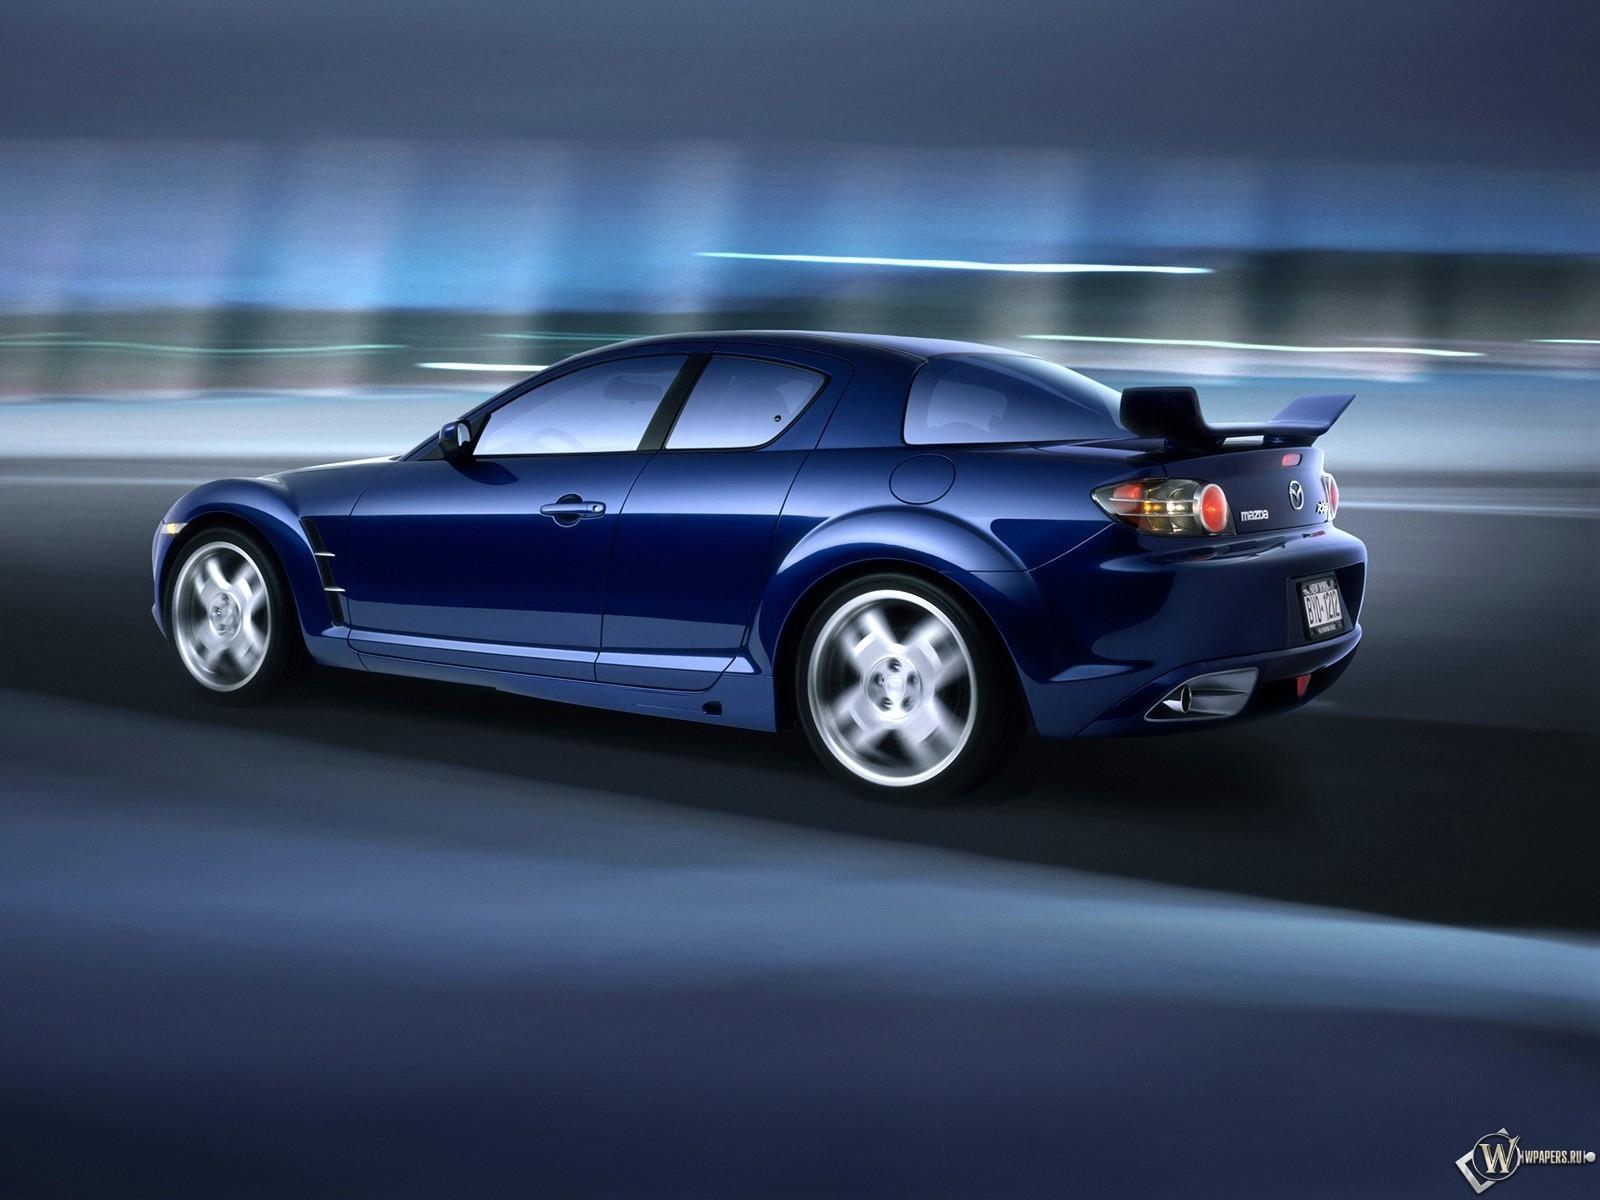 Скачать обои Mazda Rx 8 Скорость Синий Mazda Rx 8 для рабочего стола 1600х1200 4 3